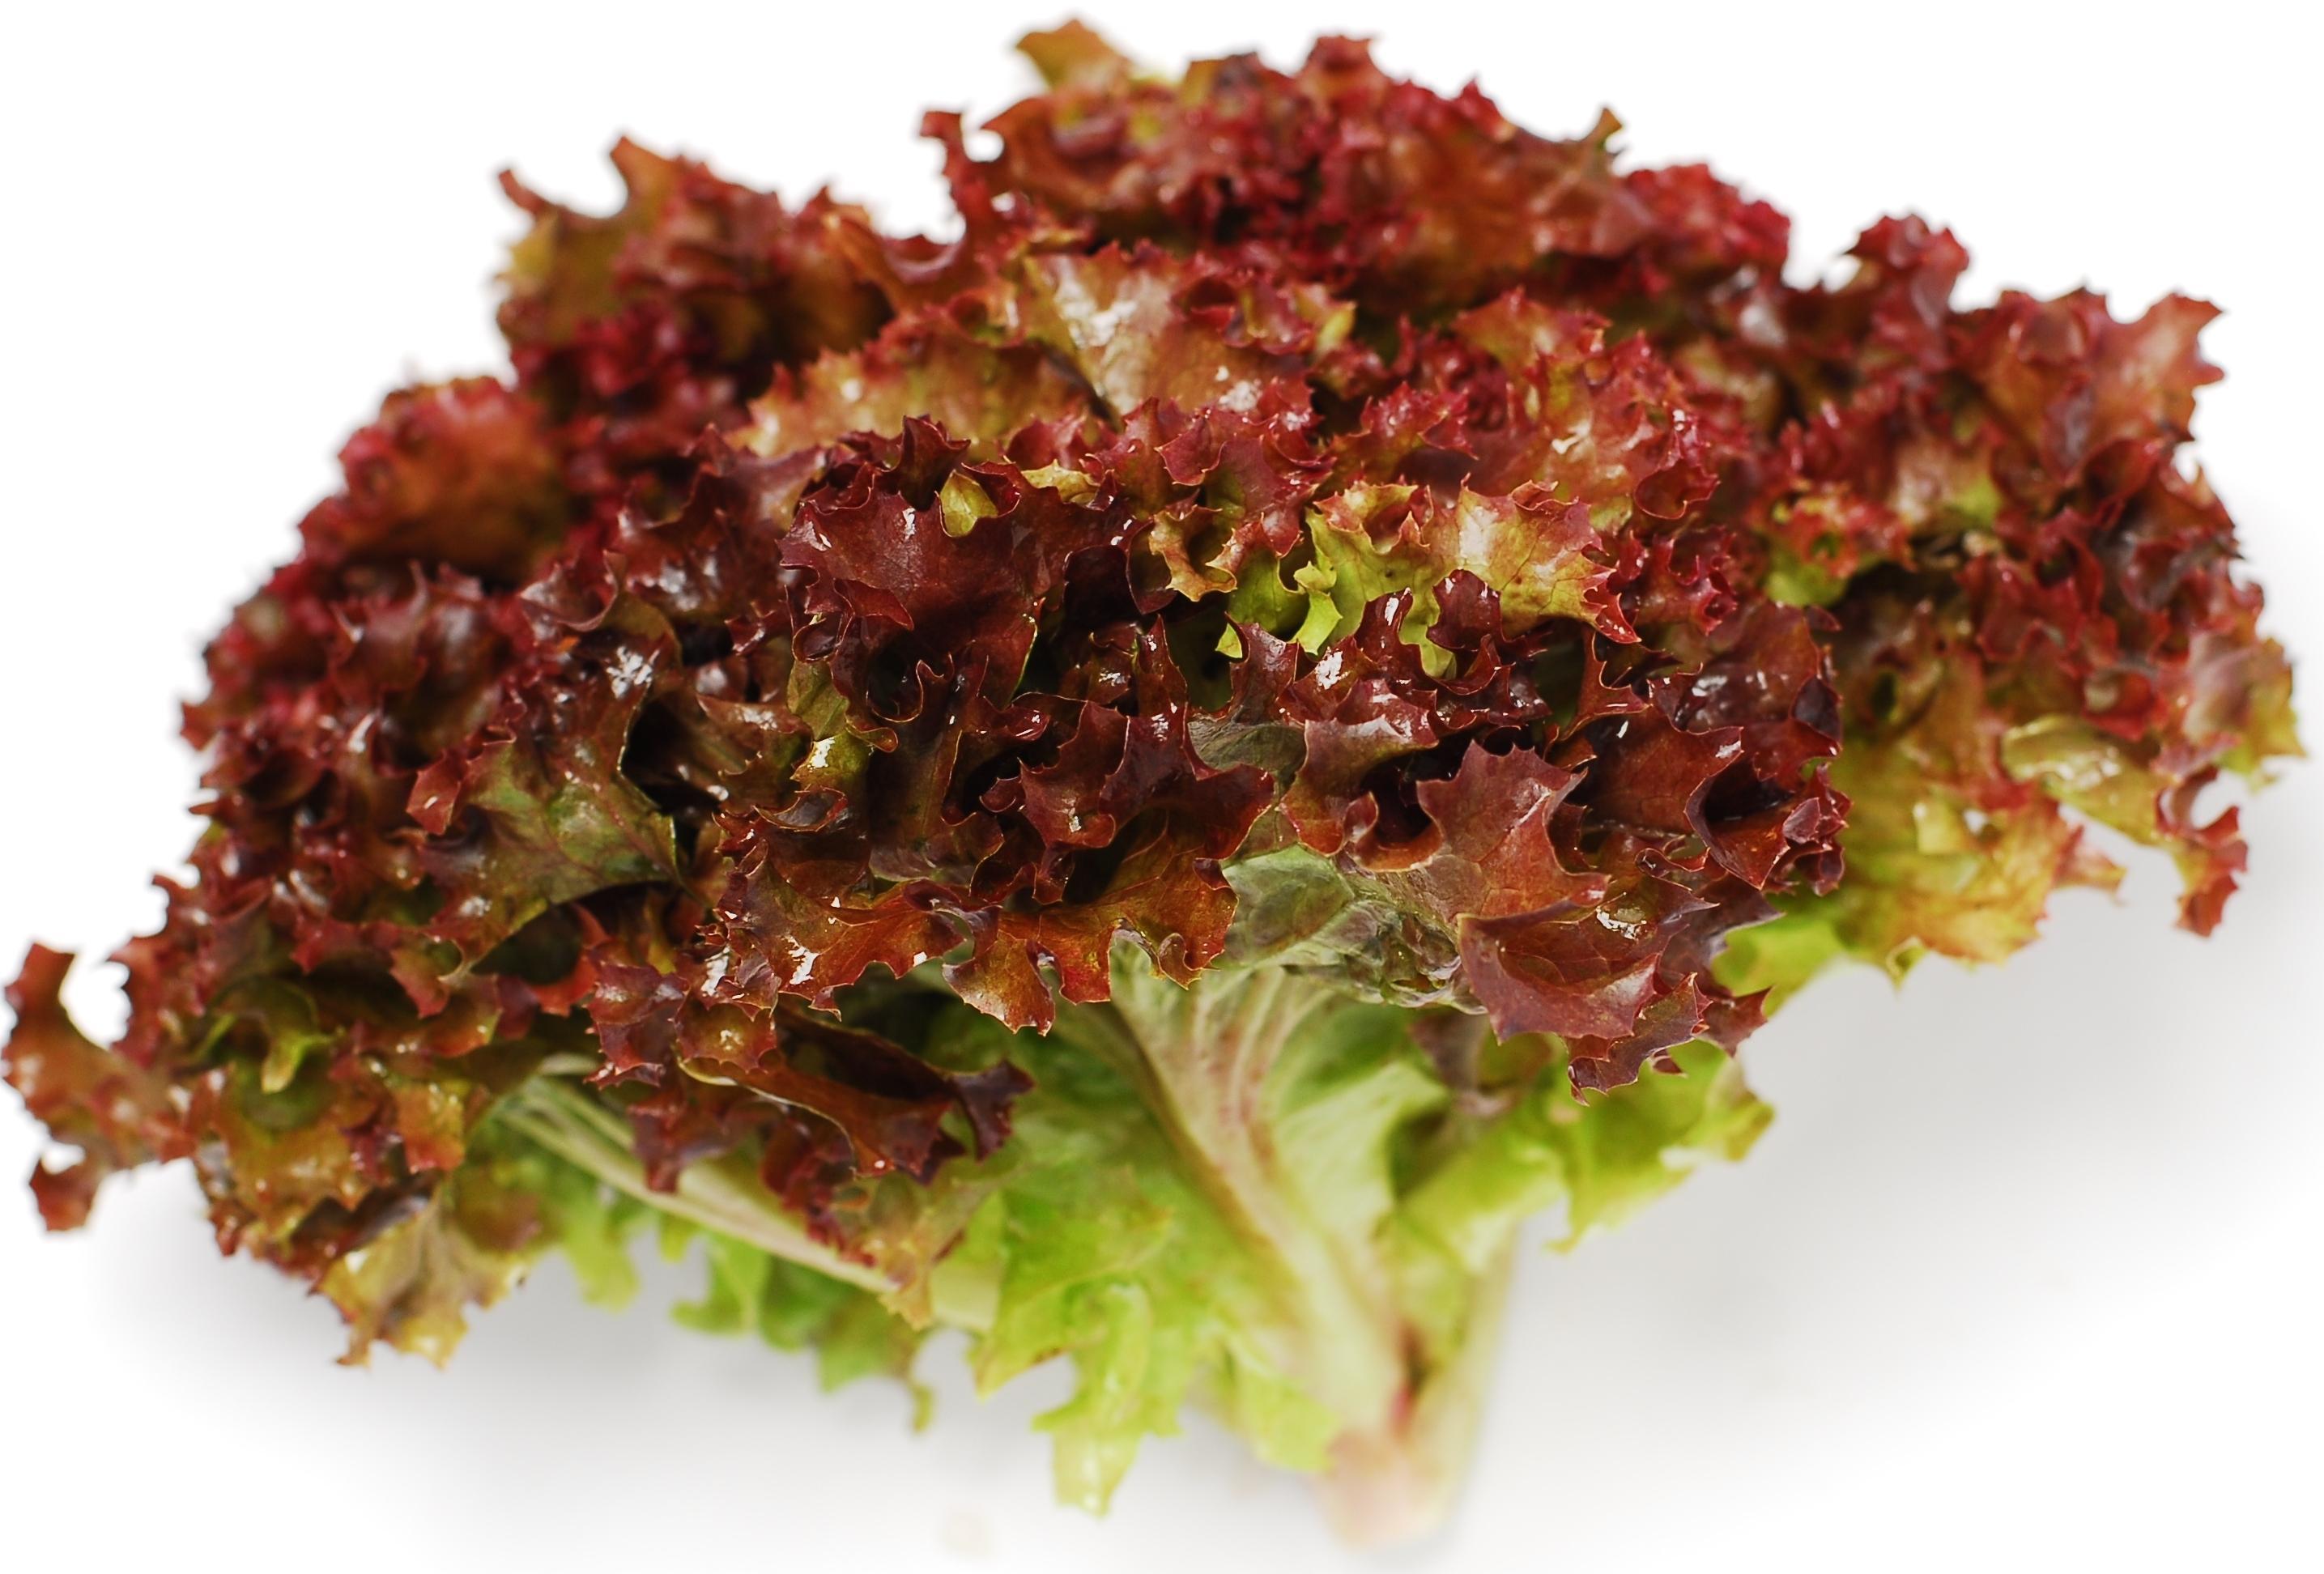 Салат Лоло россо, нежные курчавые листья с красной каймой